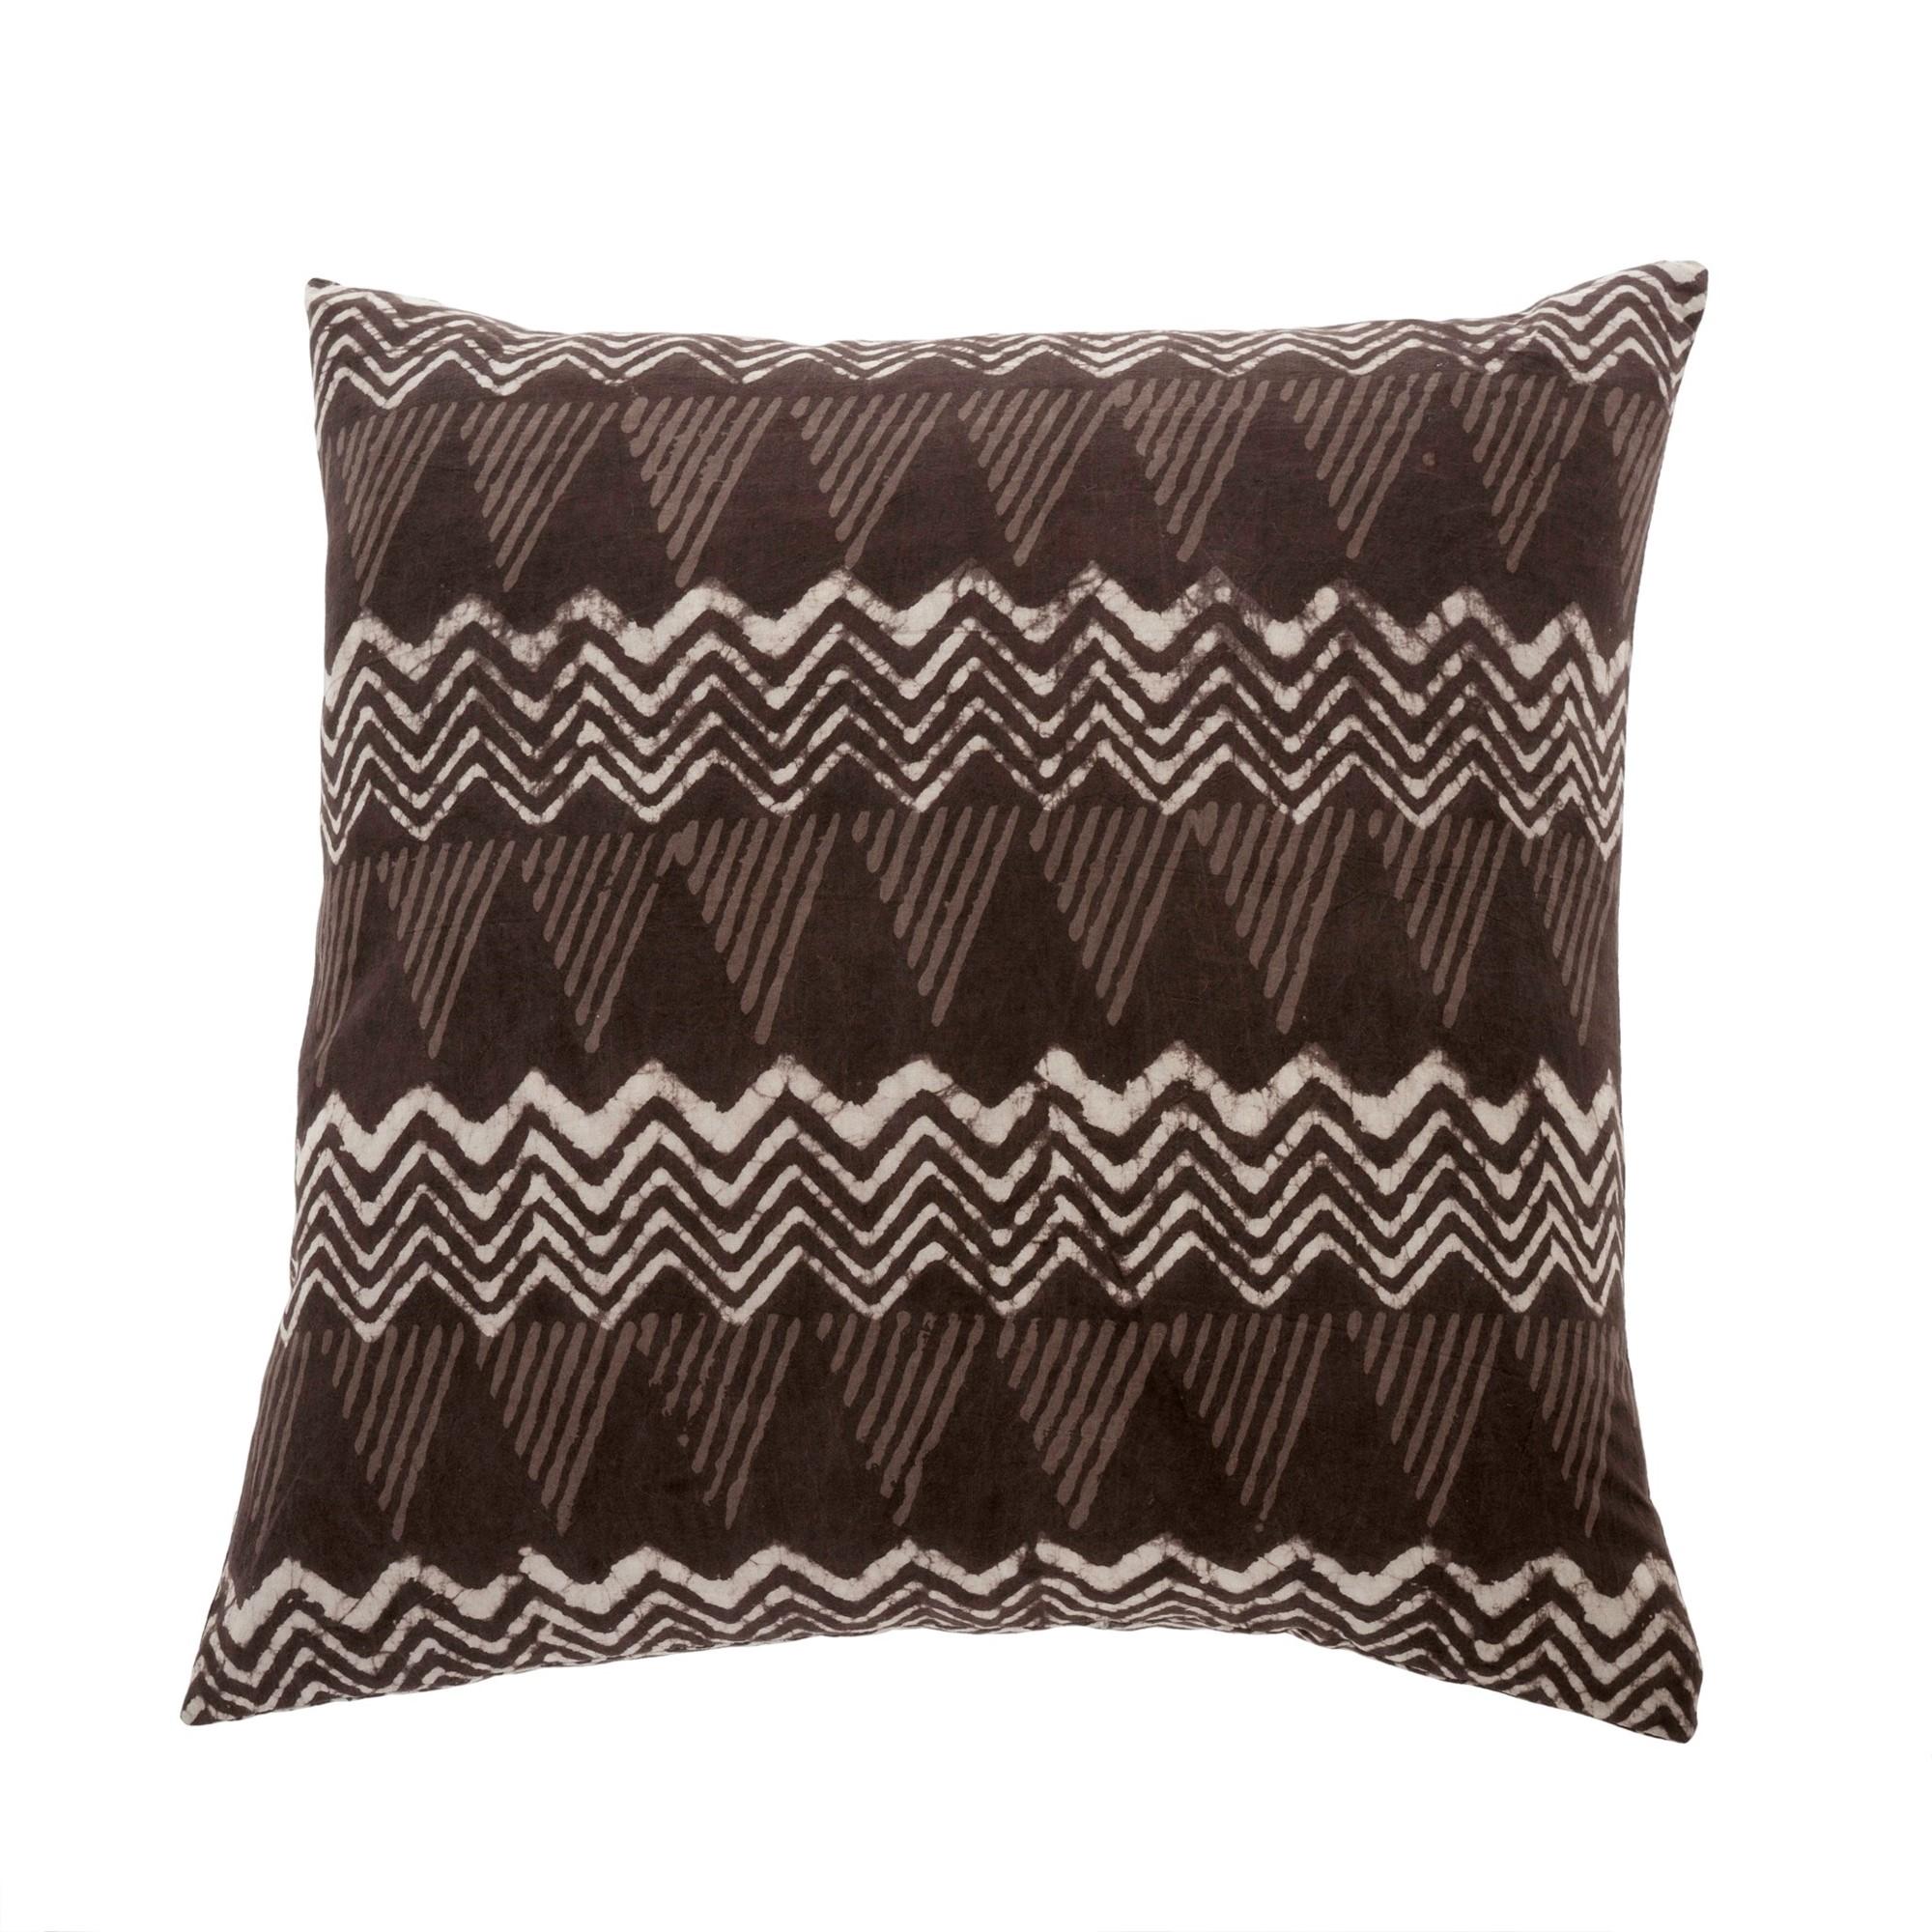 Dye Pillow